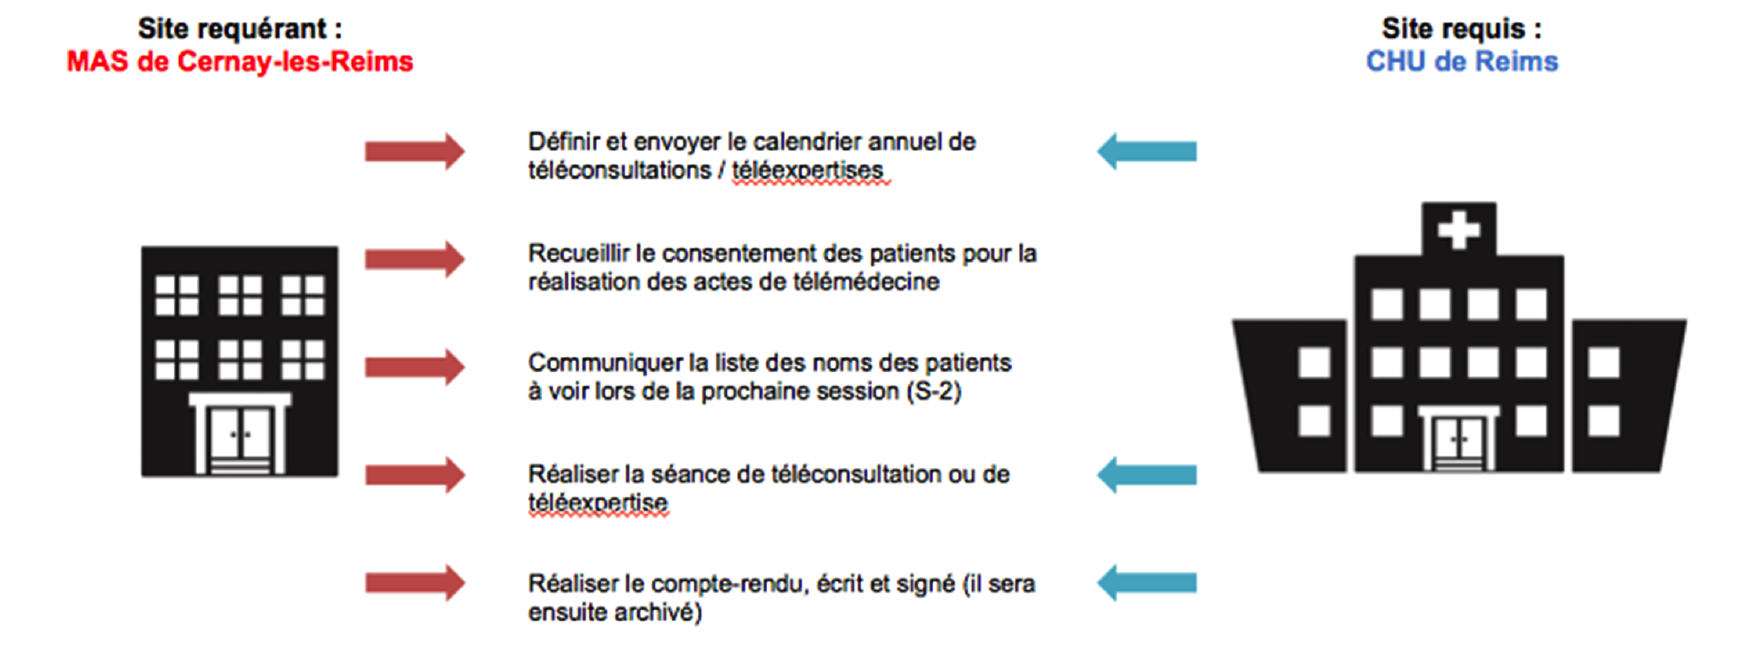 Lancement opérationnel du programme téléhandicap entre le CHU de Reims et la MAS de Cernay-les-Reims